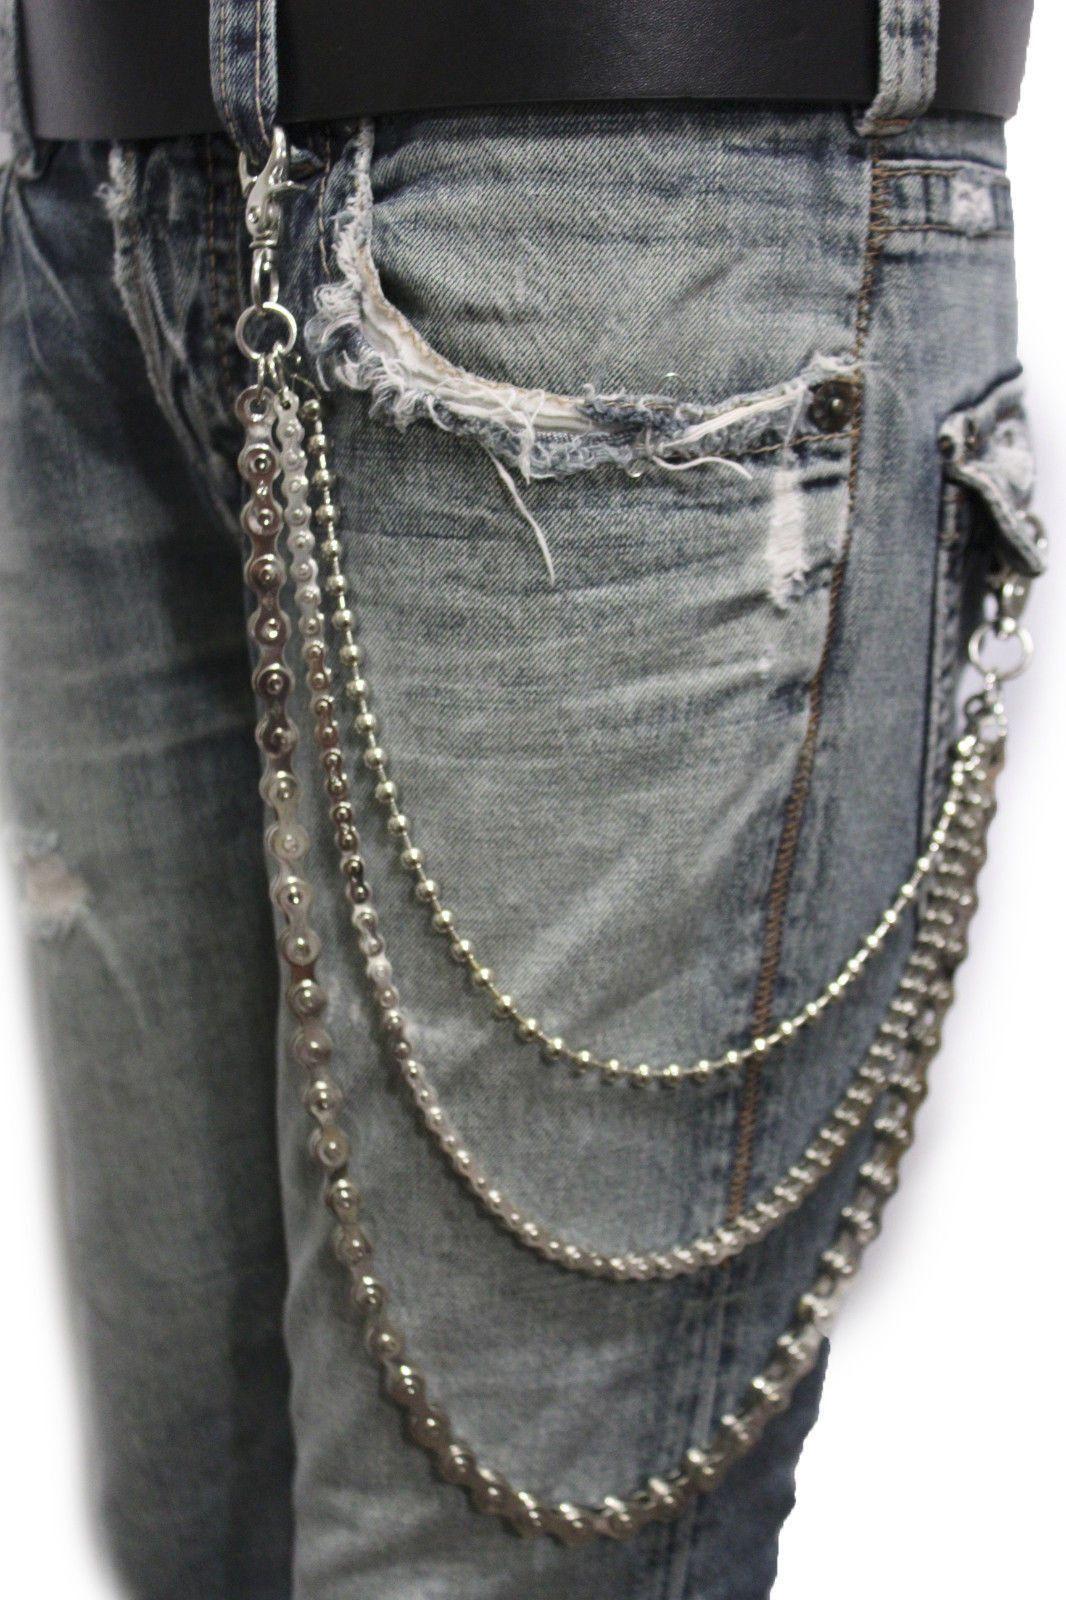 New Men Silver Metal Chains Keychain Black Wallet Biker Jeans Trucker Motorcycle